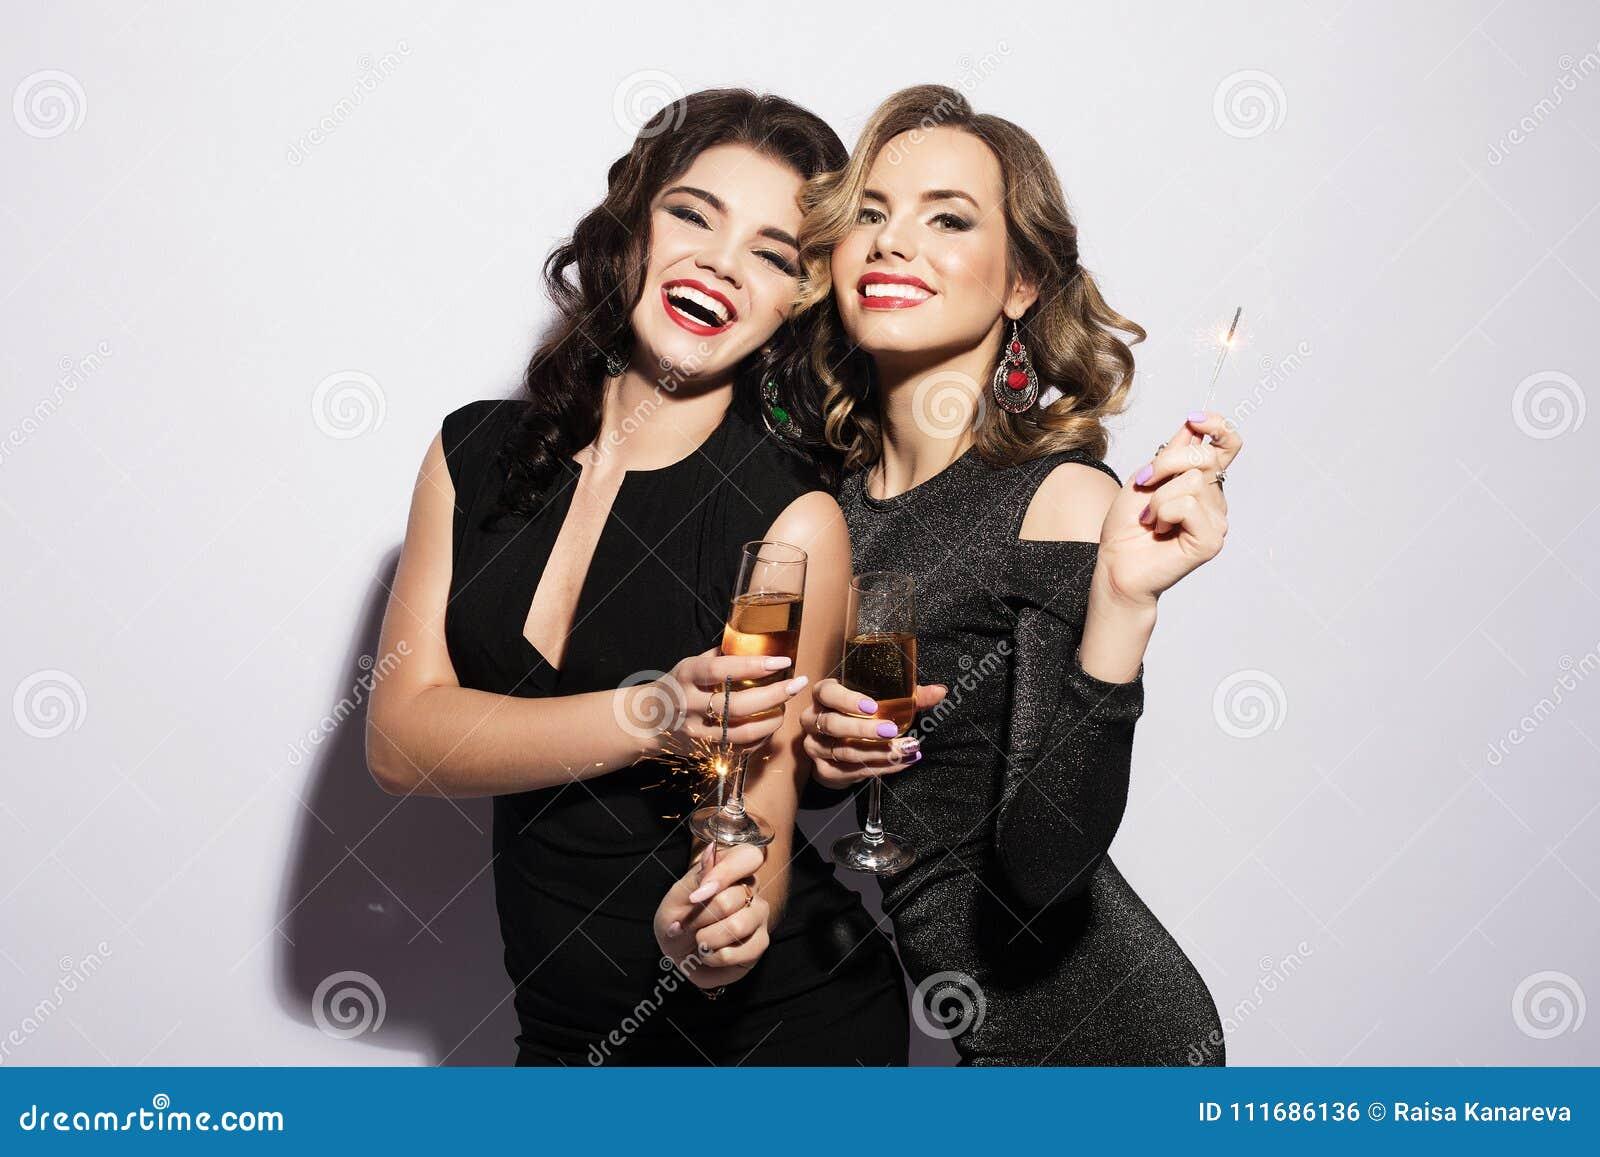 笑与香宾水晶的两名富有的妇女夫妇  豪华 1 3 5 6 8个所有鸡尾酒椰子colada多维数据集饮料新鲜的冰成份查出的汁液长度单位评定牛奶混合的当事人pina菠萝puerto纯rican兰姆酒服务片式匙子时间对白色